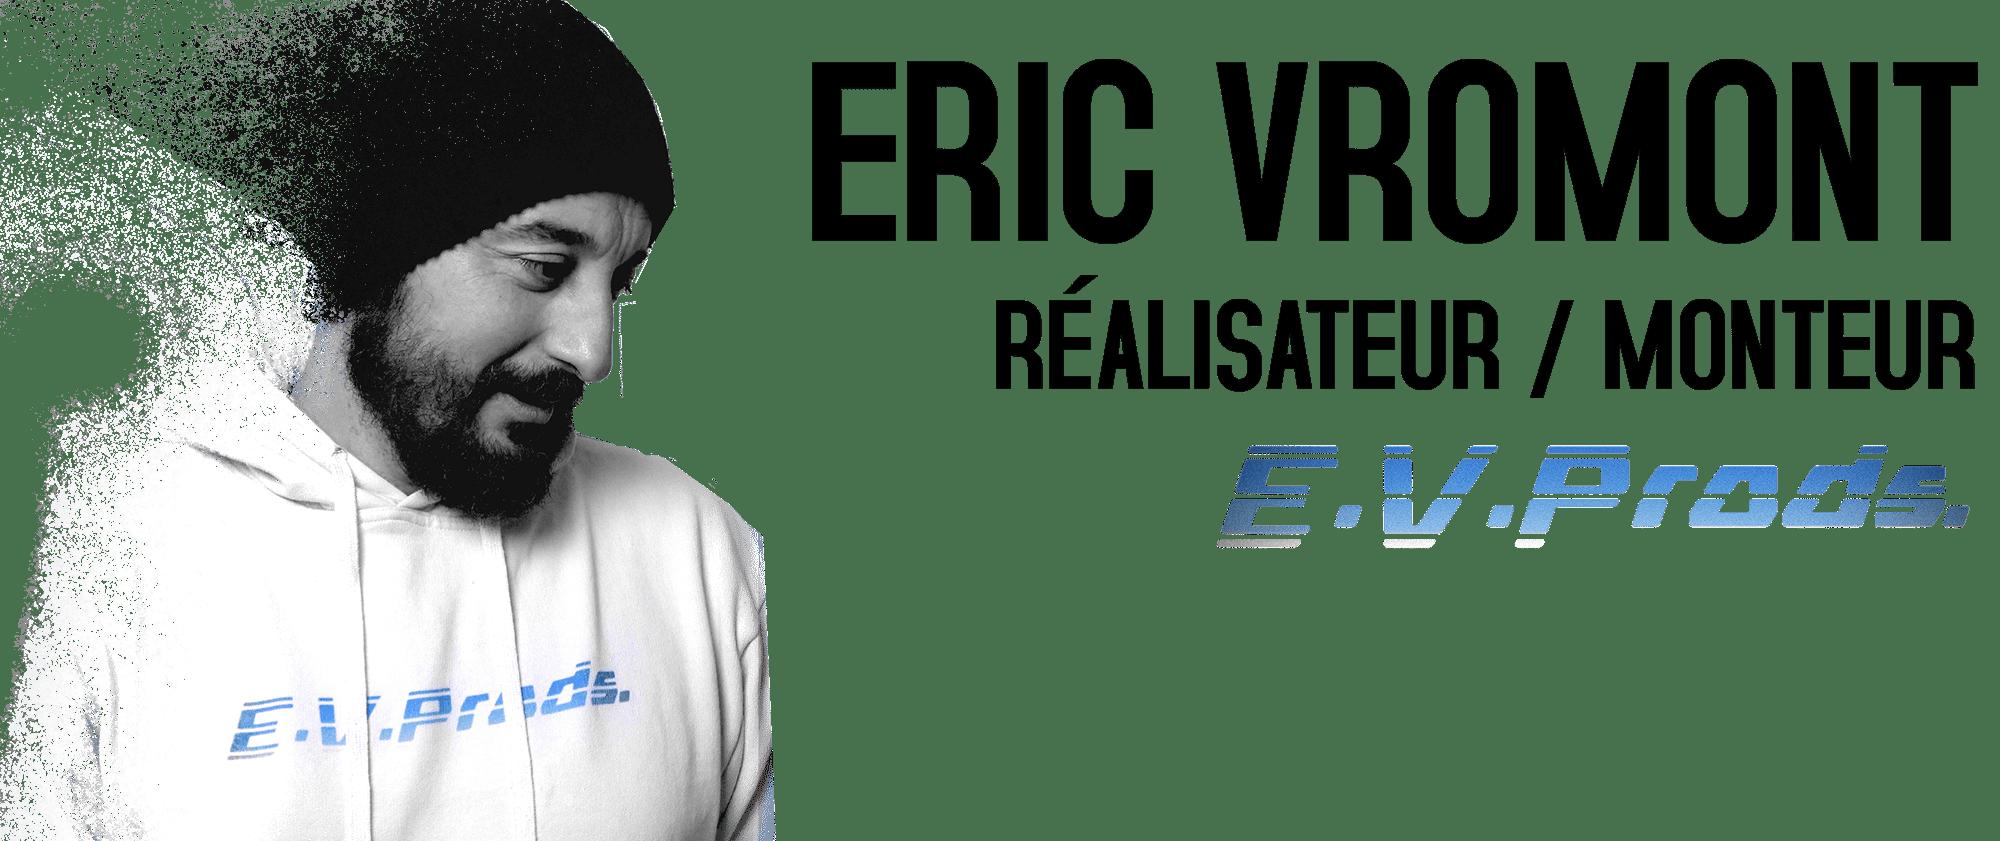 Eric Vromont – Réalisateur | Monteur Site Officiel